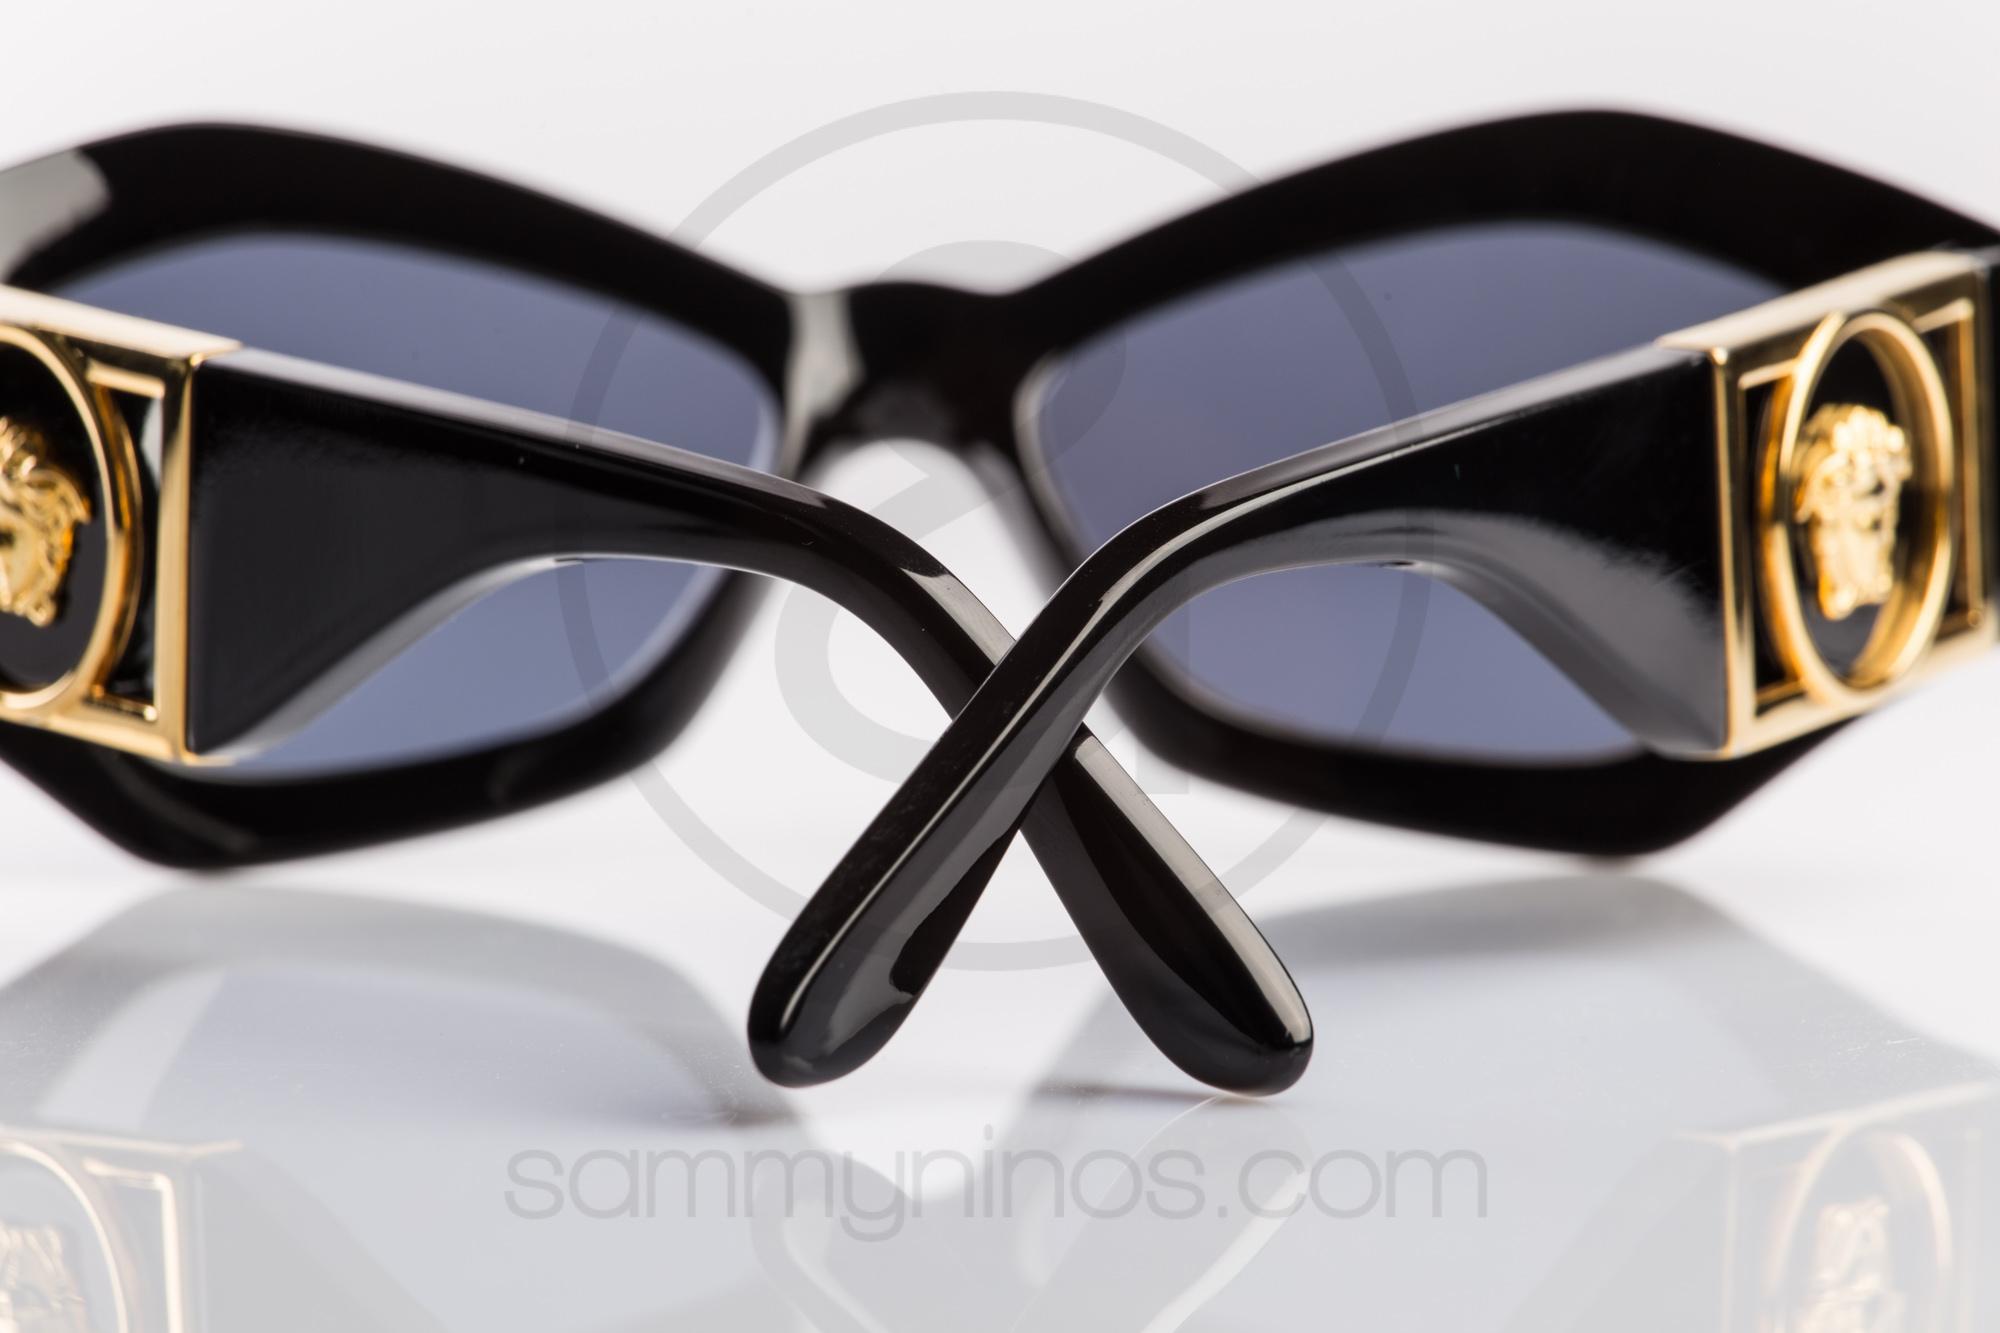 Gianni Versace 421b 852 Sammy Ninos Store